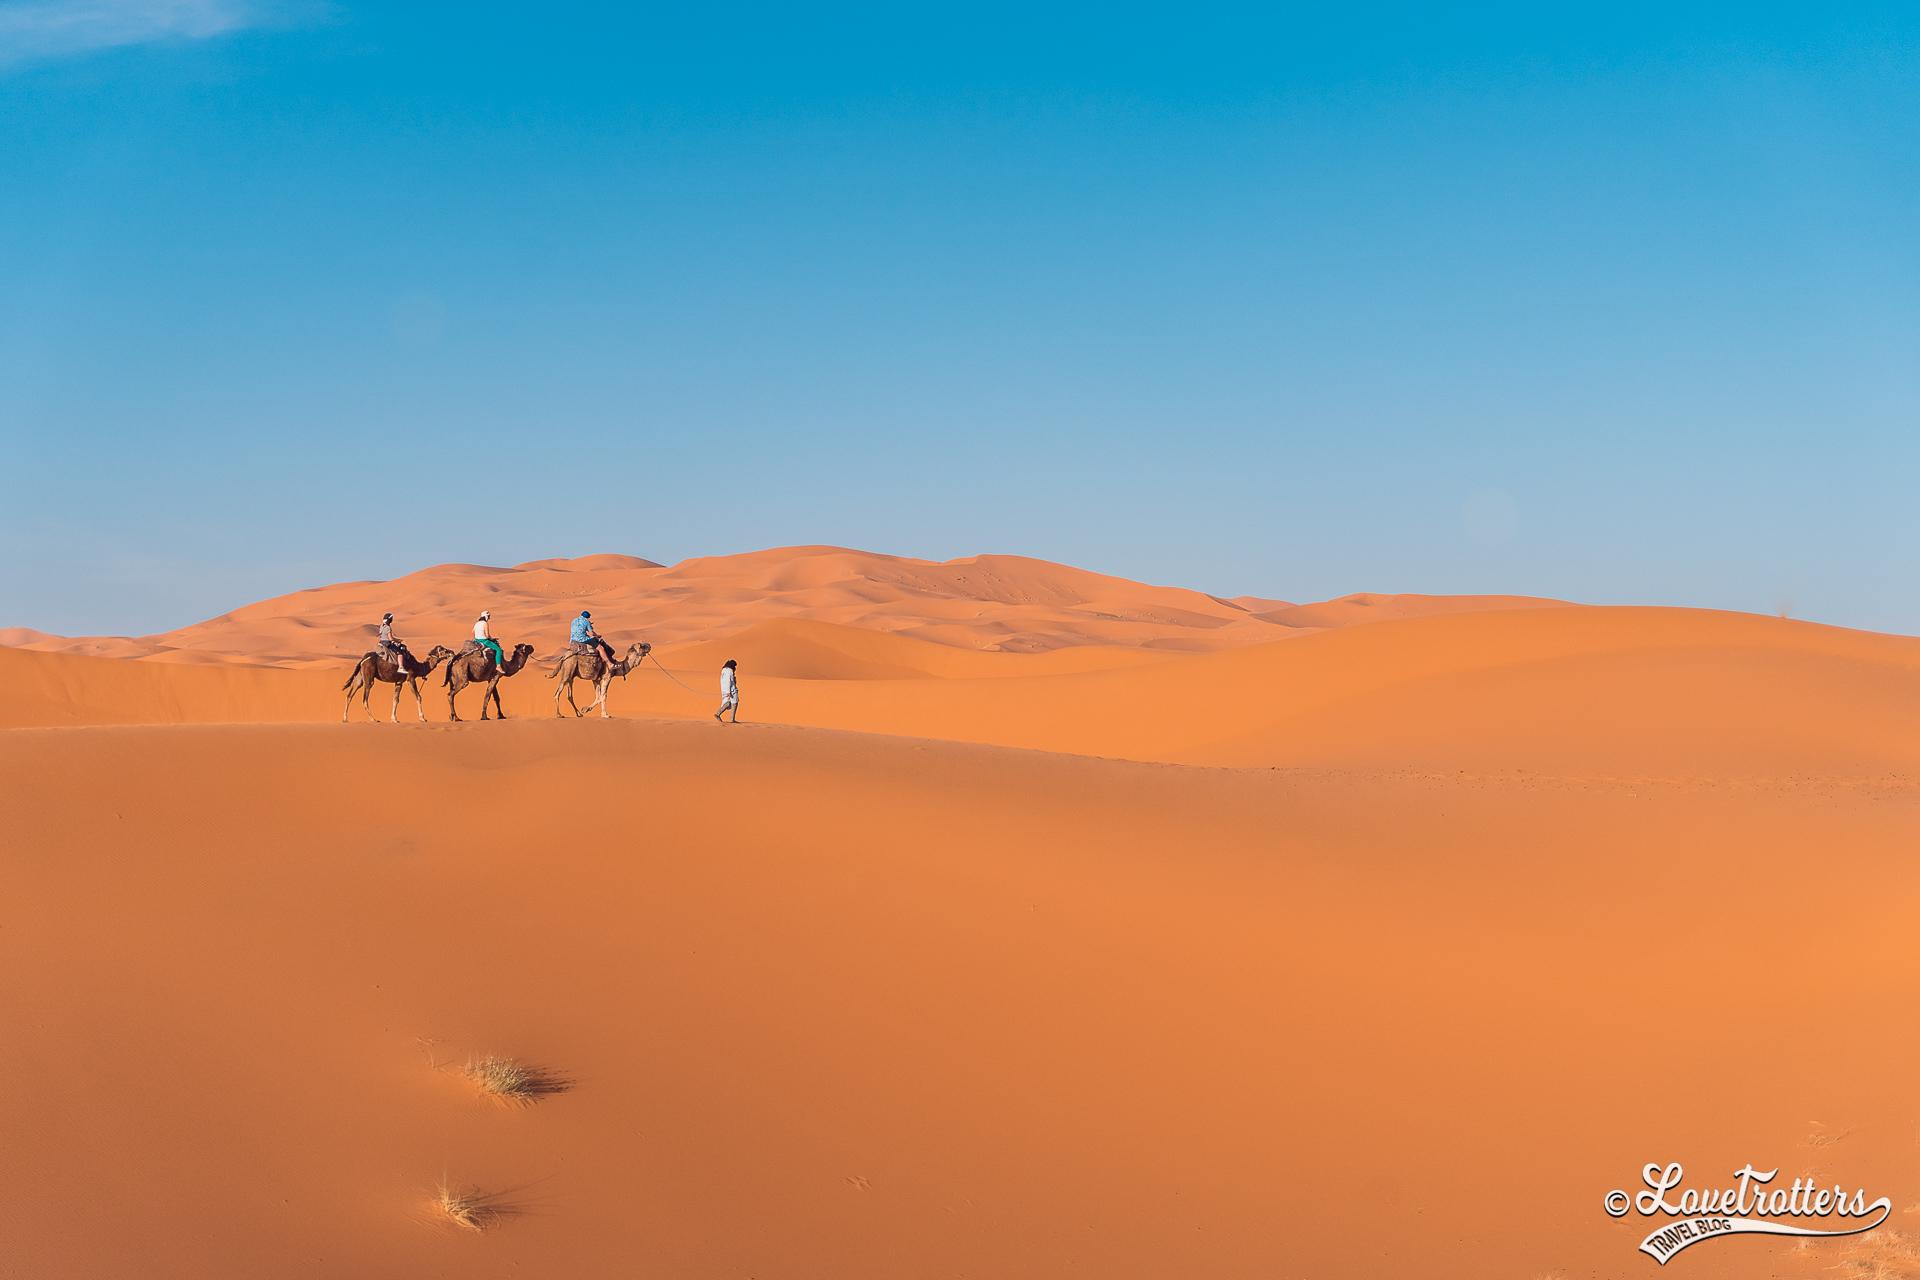 Caravane de dromadaires dans le désert de Merzouga